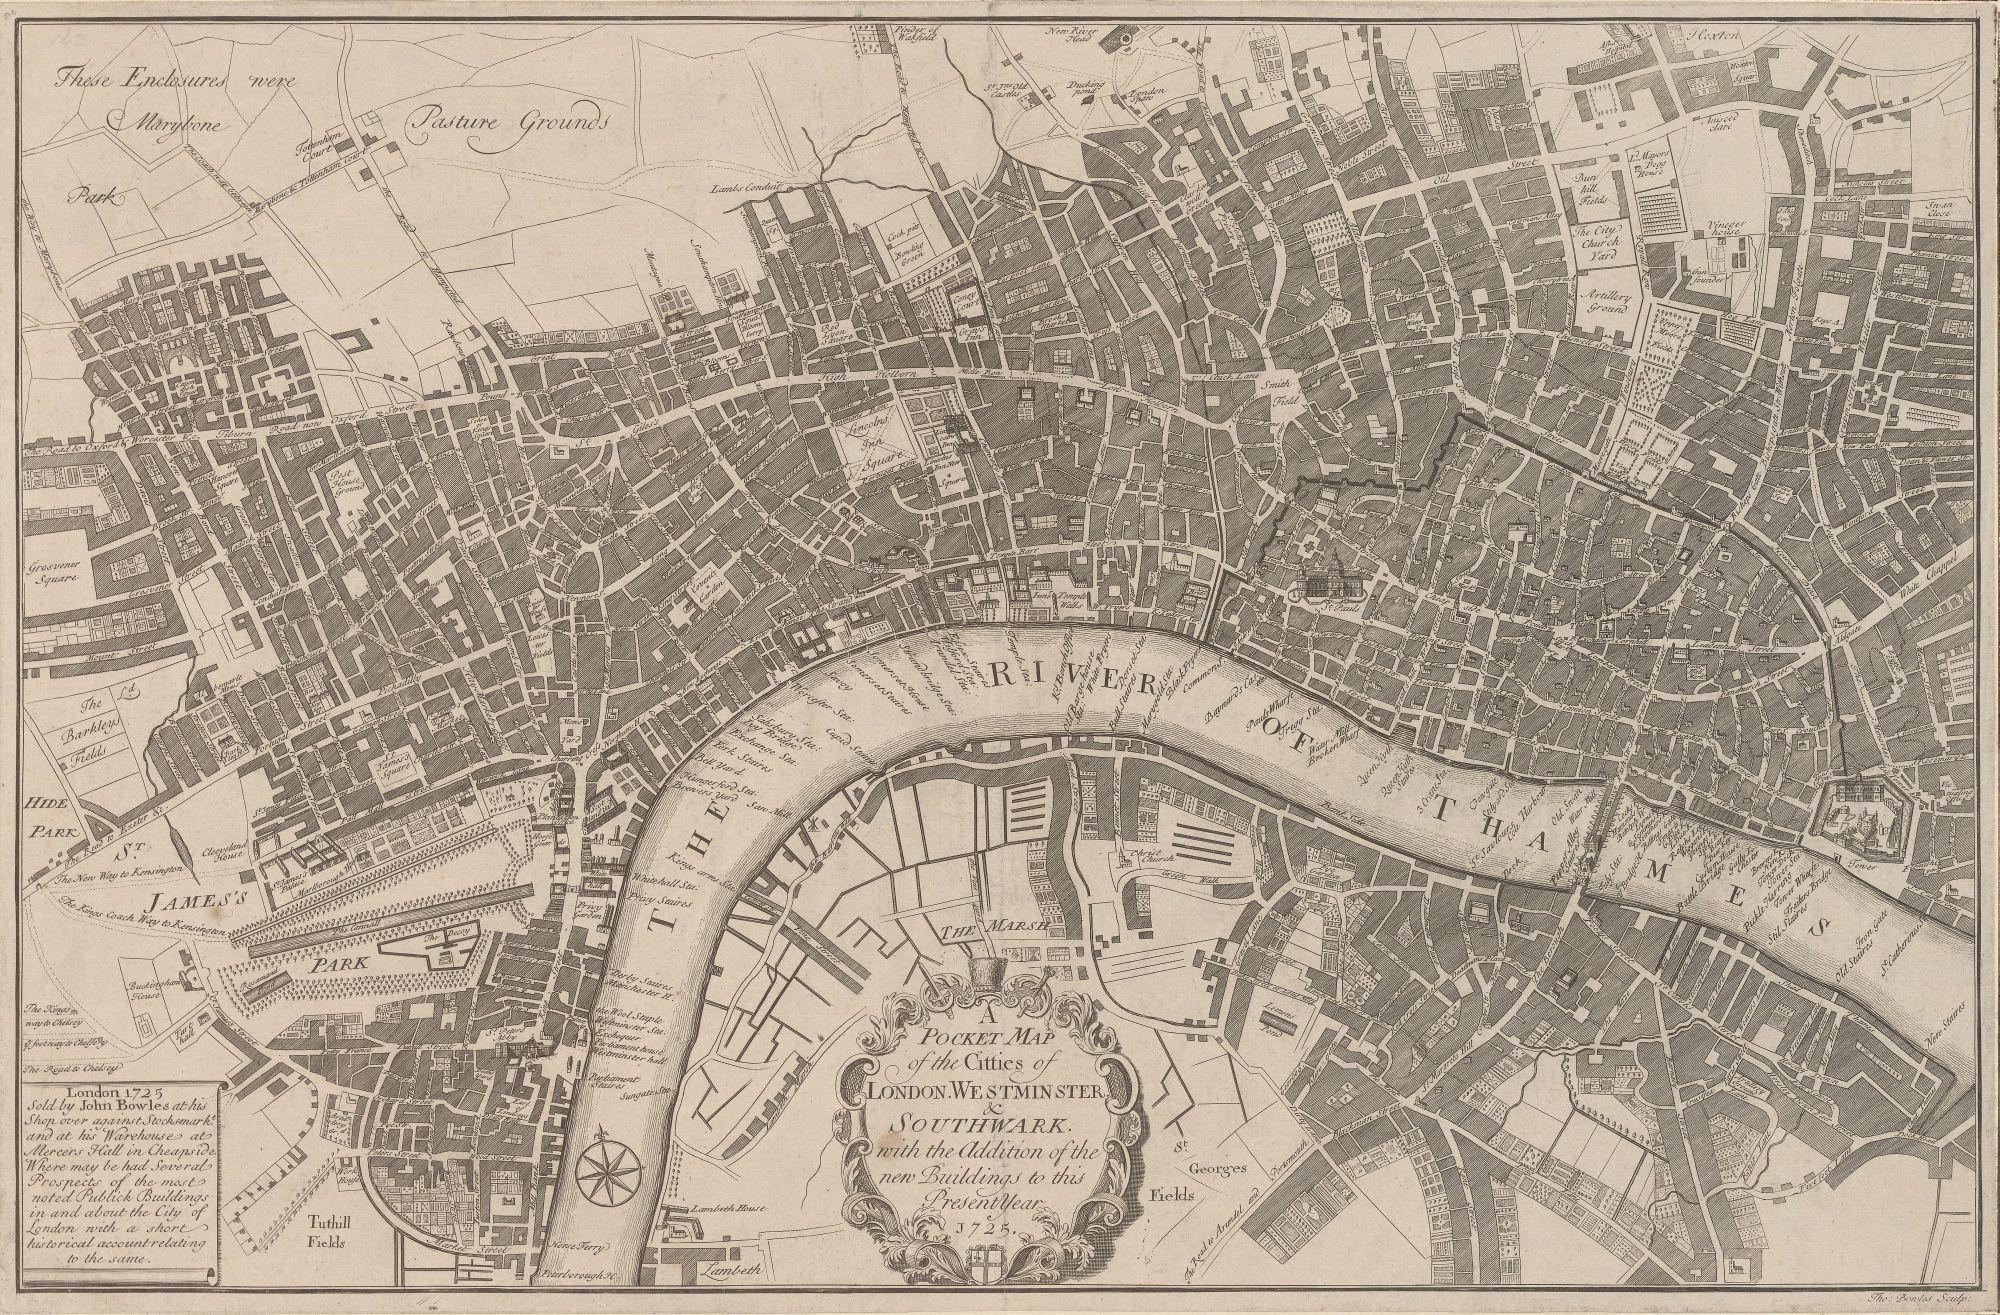 Thomas Bowles' Pocket Map of London